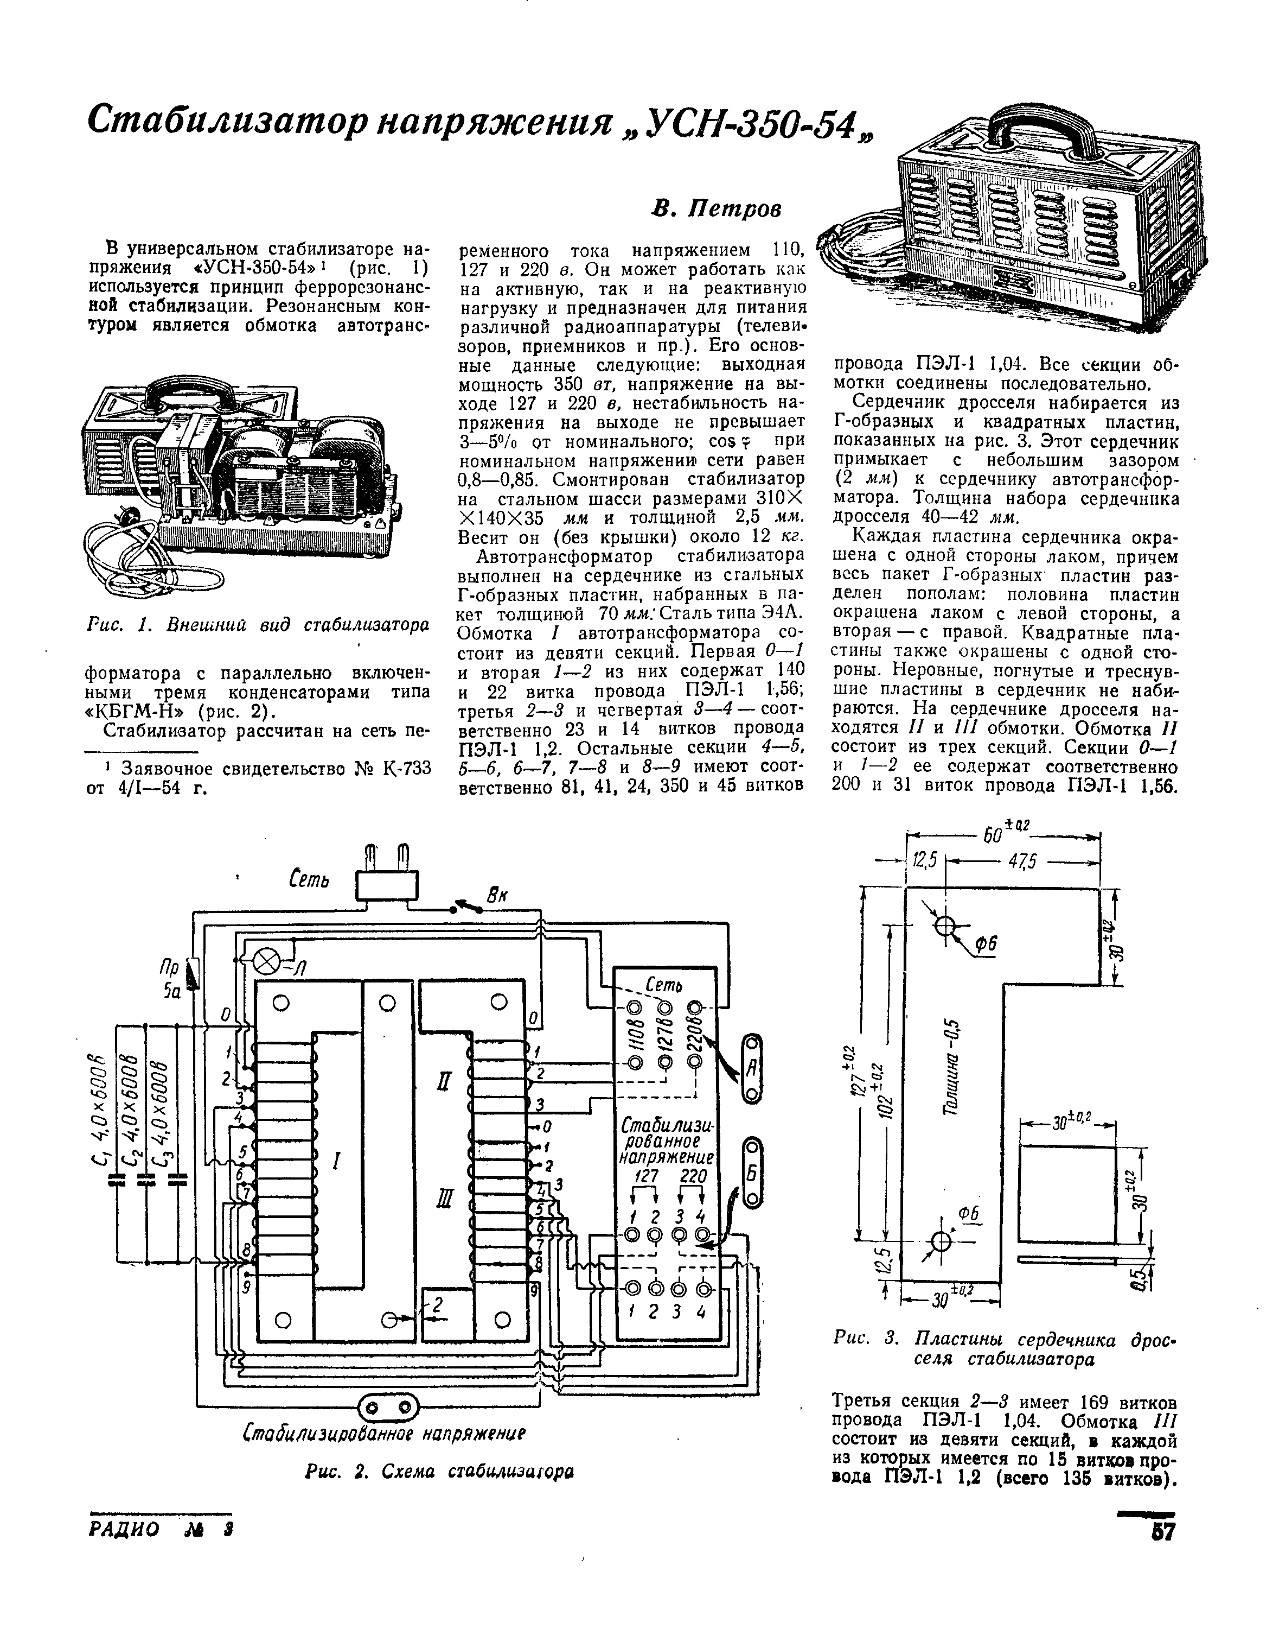 Рпн трансформатора, регулирование напряжения под нагрузкой, схема